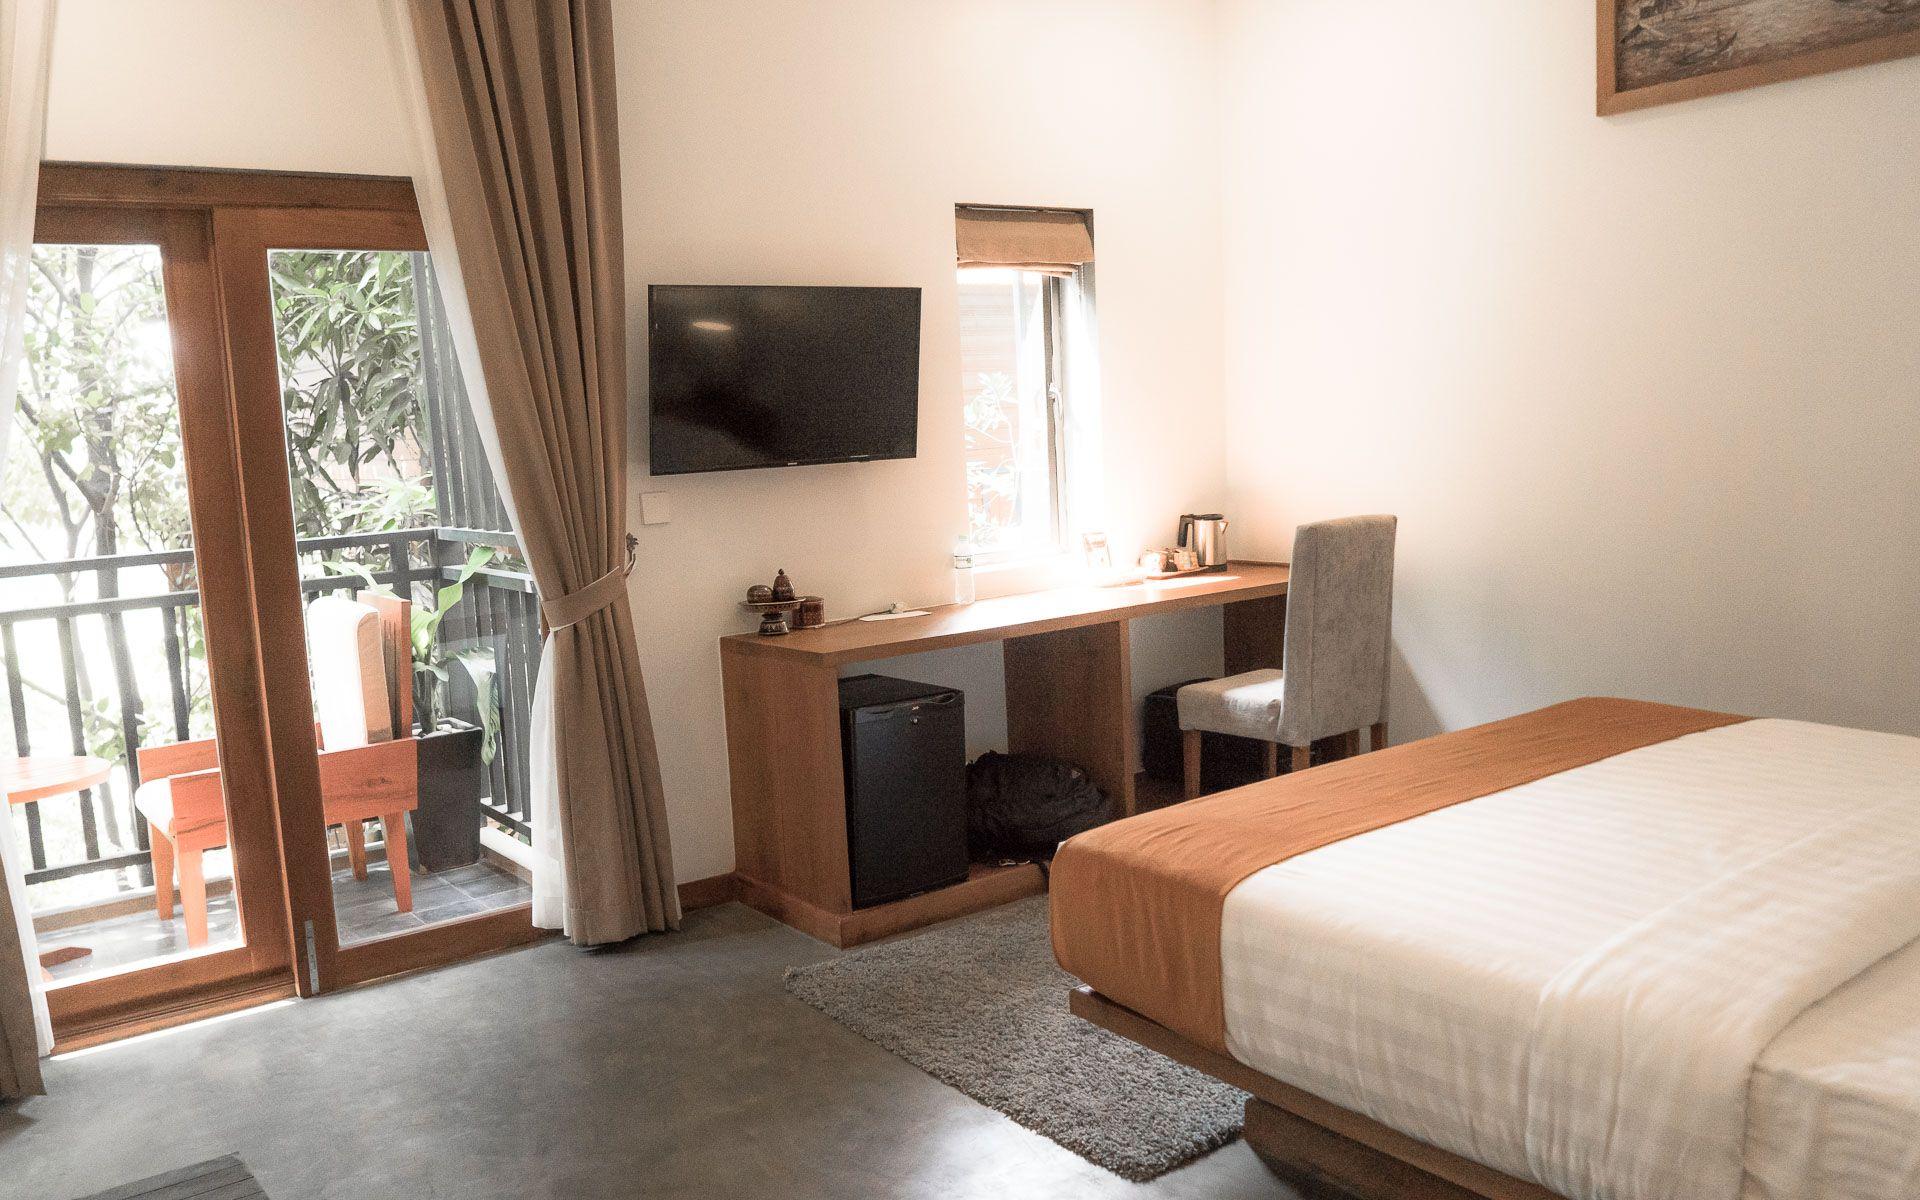 Lesvoyageuses-guide-voyage-siem-reap-angkor-cambodge-won-residence-10